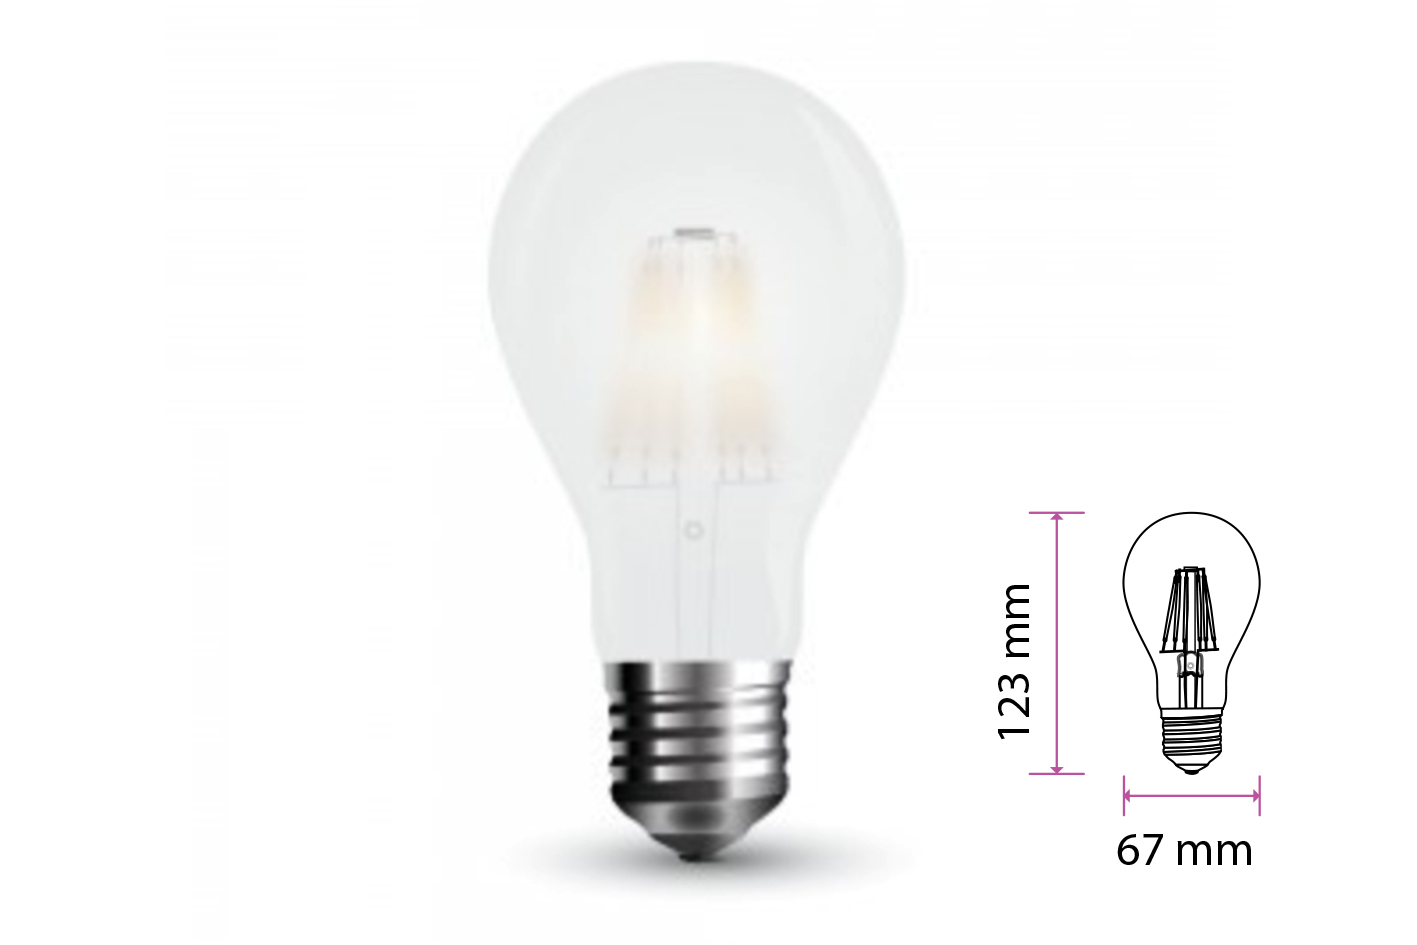 Lampada Filo Led a Filamento E27 9W Bianco Freddo 6400K 1100 LM A++ A67 Vetro Satinato 300 Gradi SKU-7186 - PZ